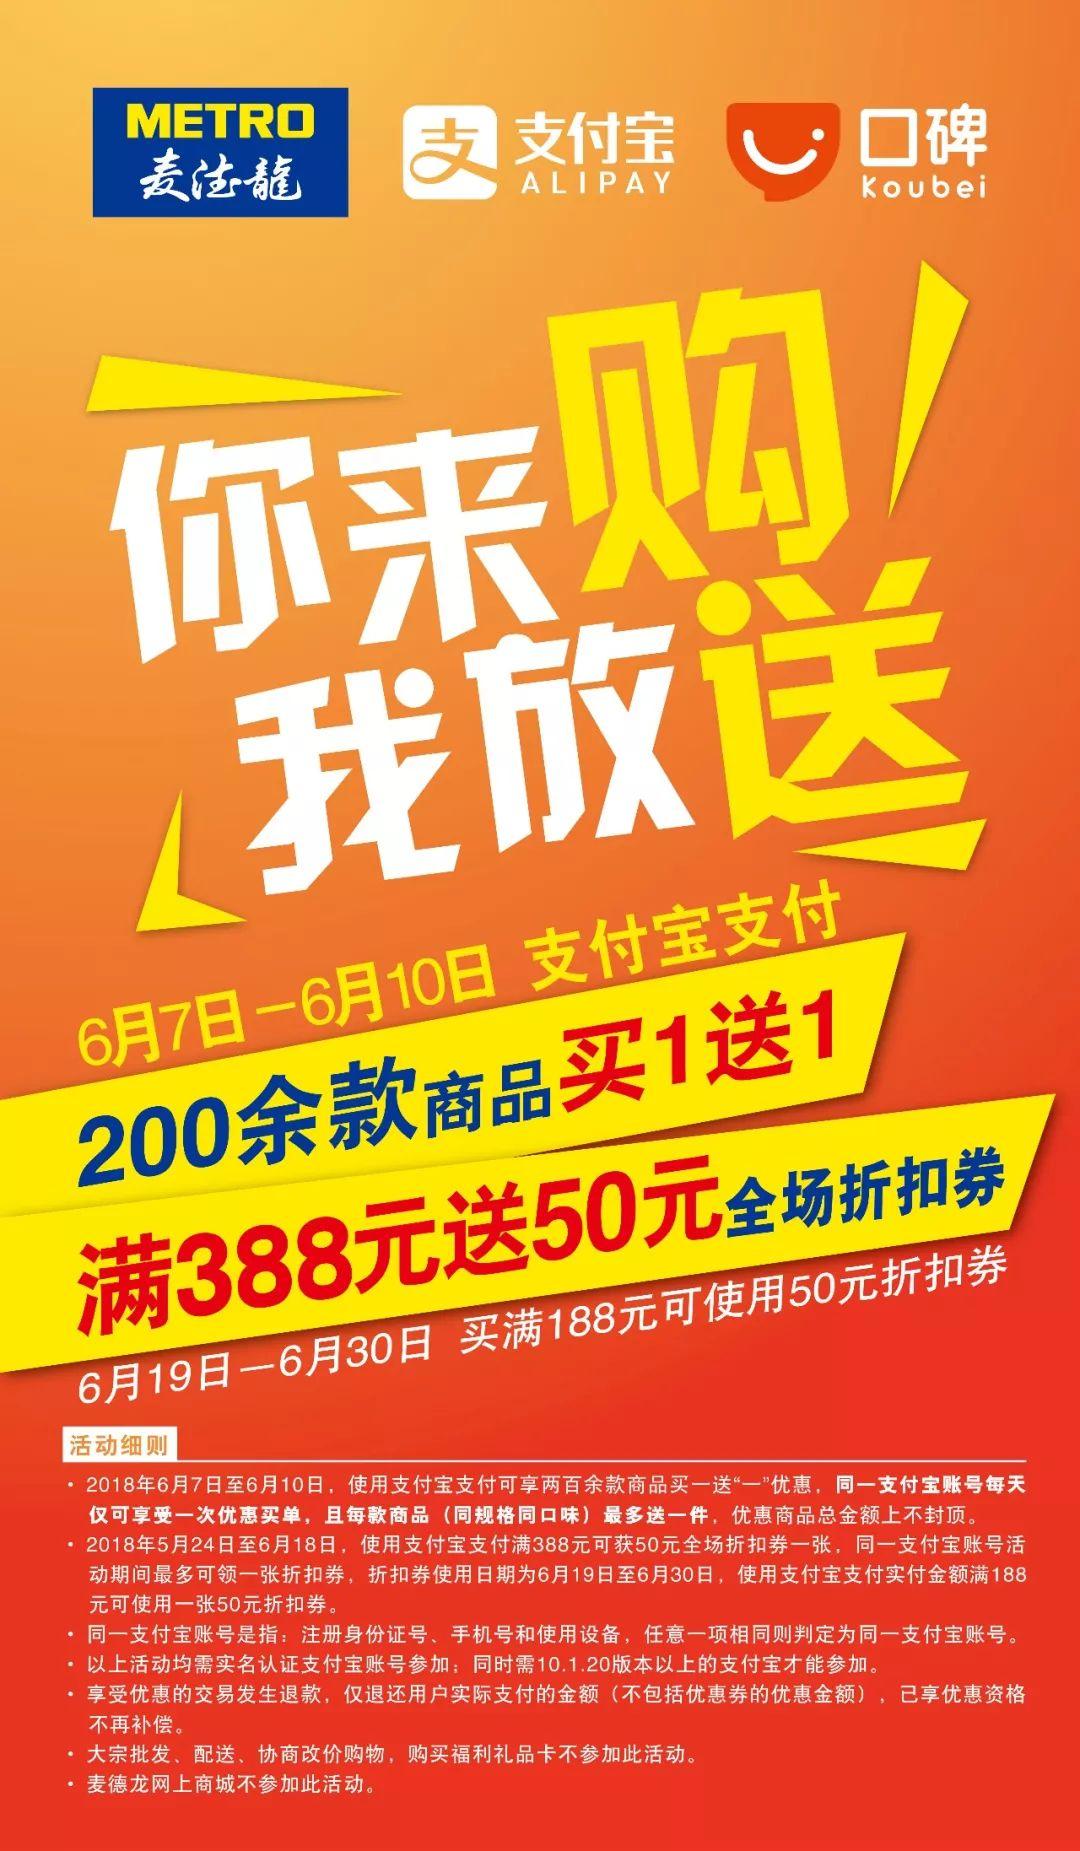 2018成都華宇廣場麥德龍年中打折匯總